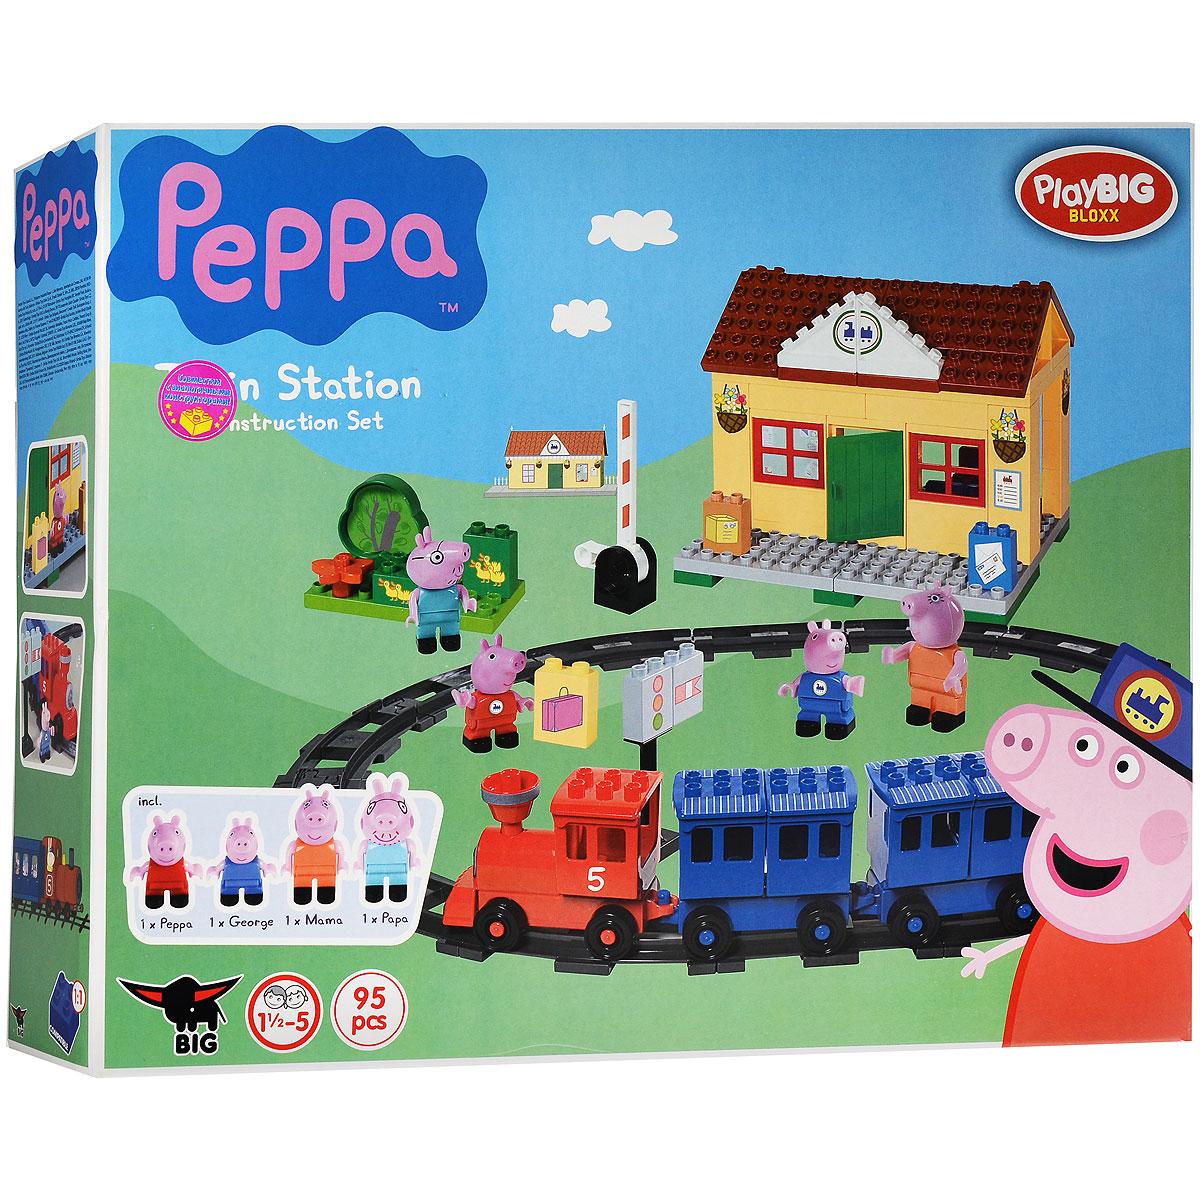 Play Big Конструктор Peppa Pig Железнодорожная станция57079Конструктор Play Big Peppa Pig. Железнодорожная станция обязательно порадует поклонников всемирно известного британского мультика Свинка Пеппа. Одна из самых ярких и интересных серий мультика про Свинку Пеппу - Поездка на поезде. А значит, игры с конструктором Железнодорожная станция станут невероятно интересными и захватывающими. Помимо деталей конструктора для строительства железной дороги и станции, в комплект вошли четыре фигурки персонажей: Свинка Пеппа, Джордж, а также папа и мама. Ребенок сможет воспроизвести увиденный мультипликационный сюжет или придумать совершенно новый, а затем устроить семейству Пеппы увлекательное путешествие. Благодаря тому, что здание железнодорожной станции представляет собой уютный домик, пассажиры смогут в комфорте подождать поезд, не замерзнут и не вымокнут под дождем. Красочный конструктор отлично развивает воображение ребенка, его логику и инженерное мышление, мелкую моторику. Набор содержит 95 деталей, в том числе...